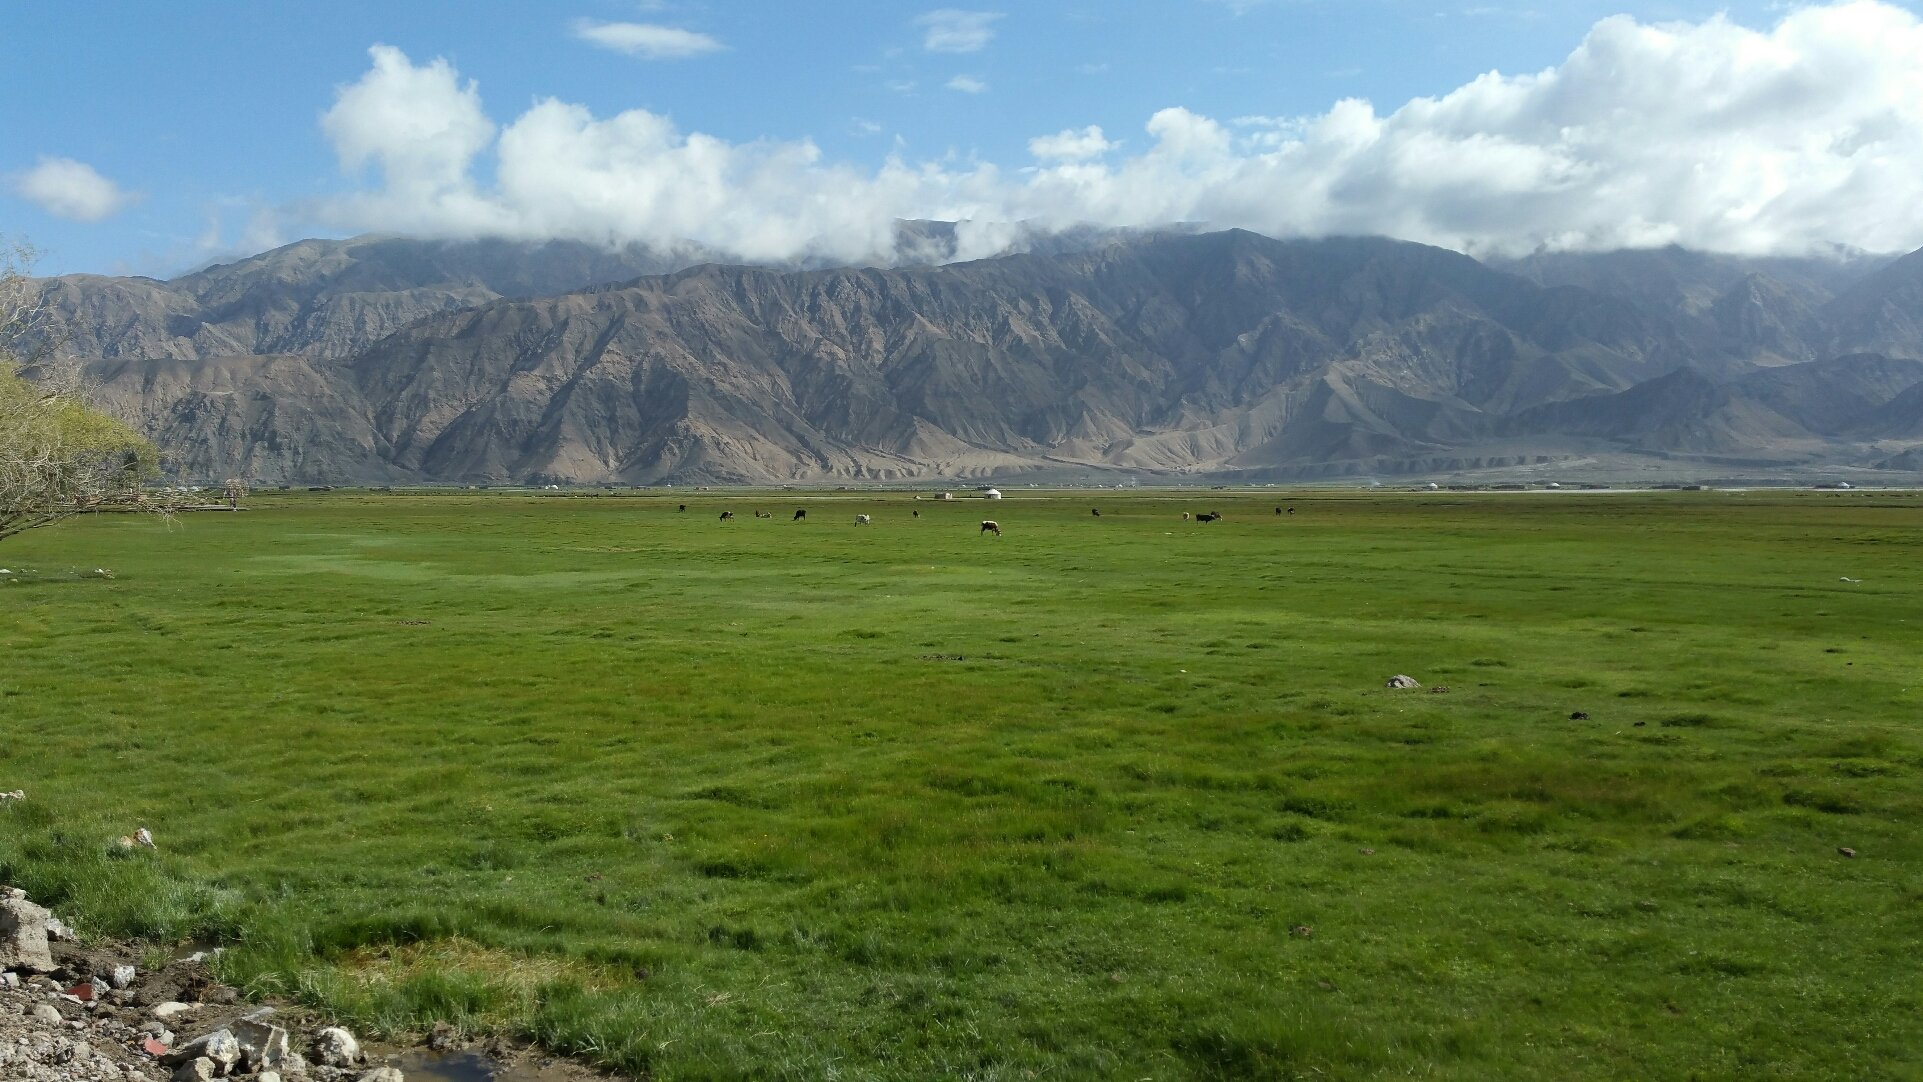 新疆维吾尔自治区喀什地区塔什库尔干塔吉克自治县慕士塔格路85号靠近塔什库尔干塔吉克自治县博物馆天气预报